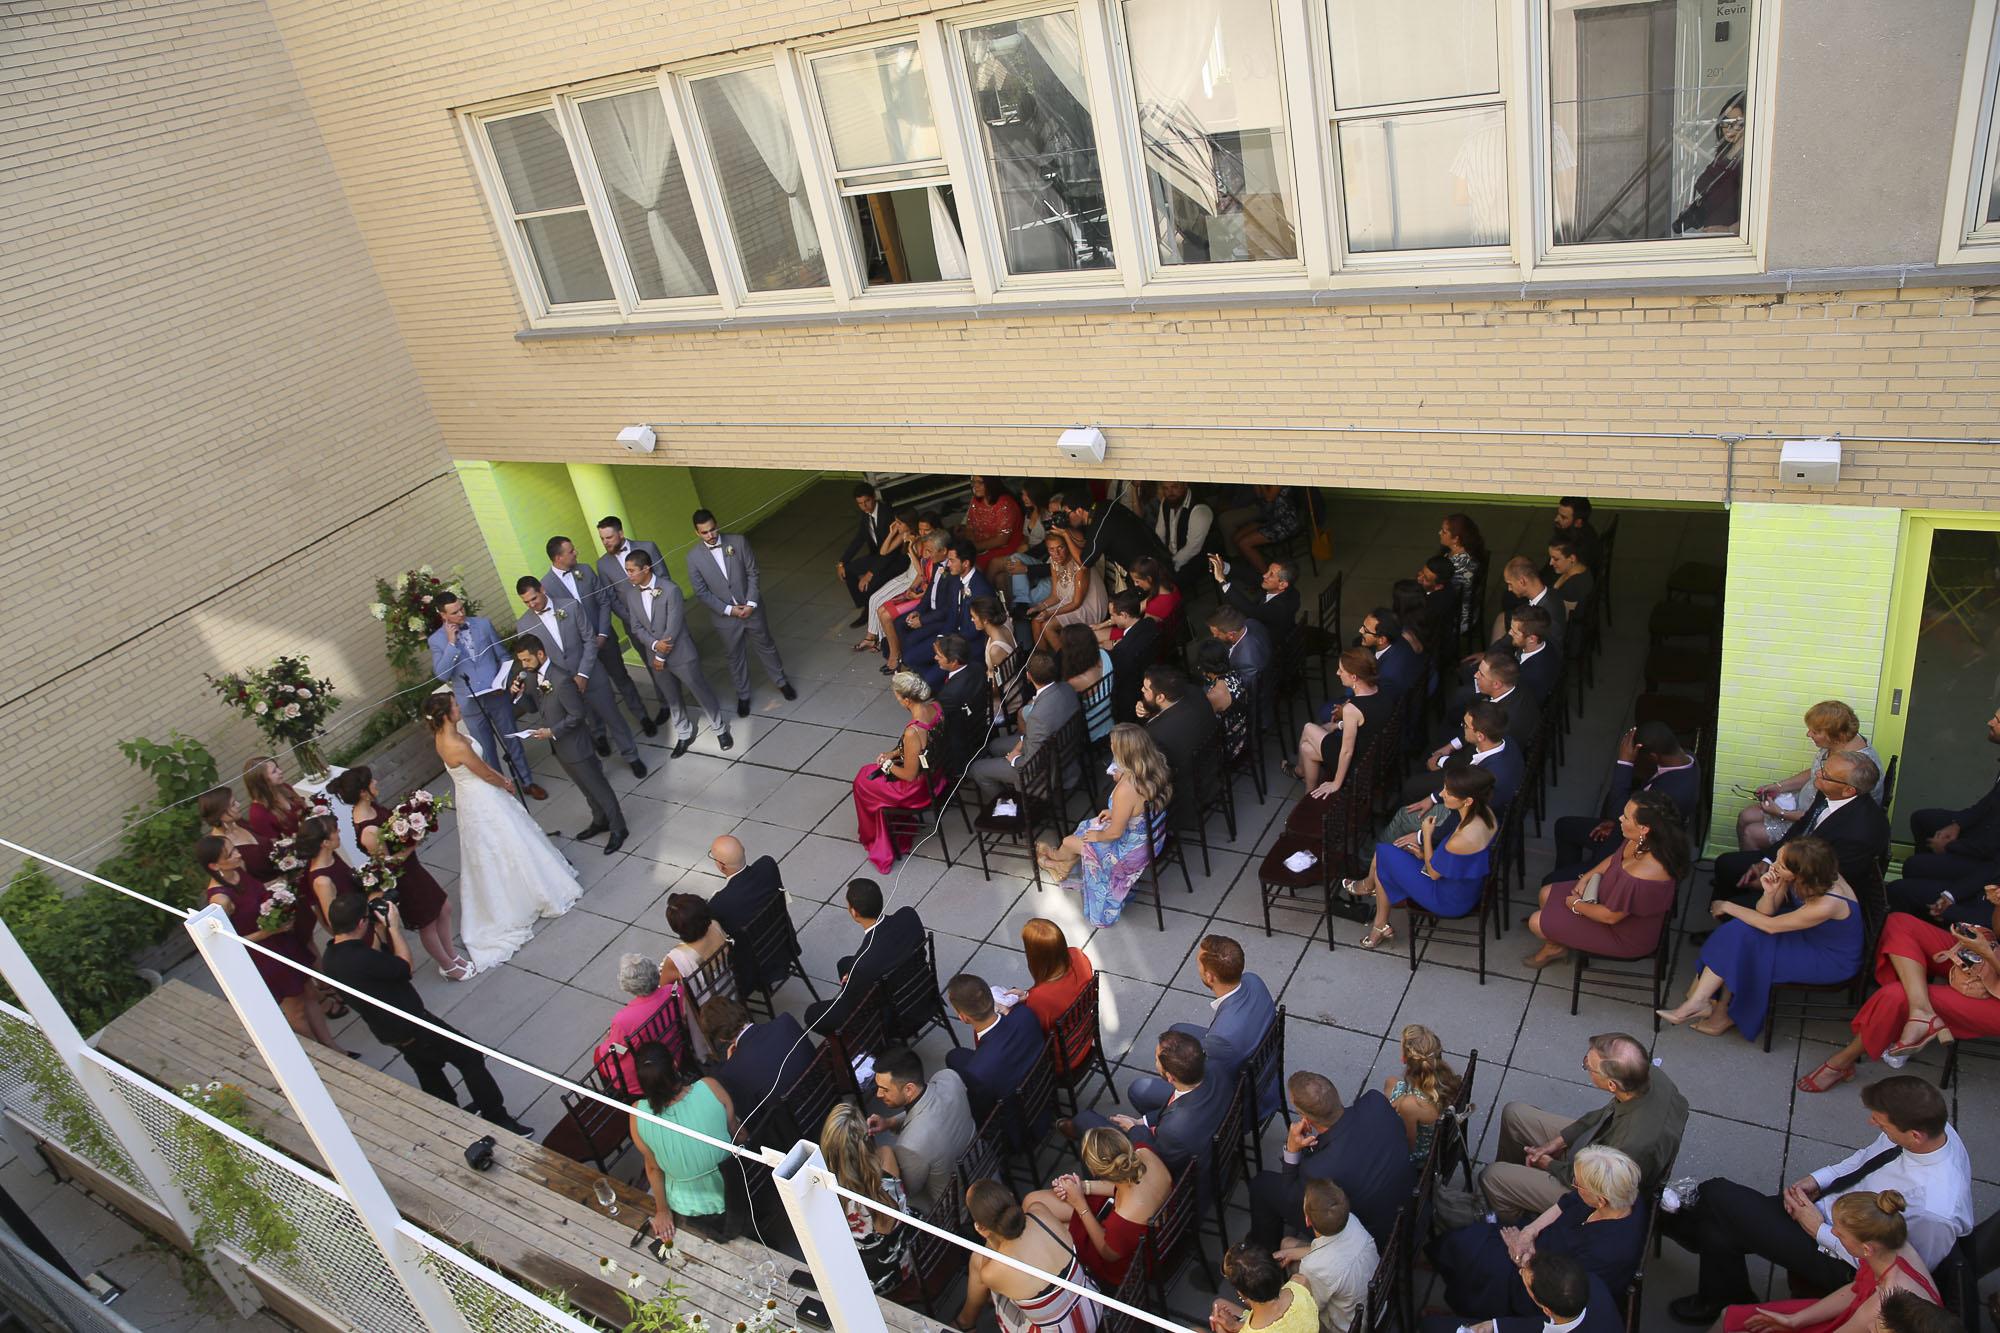 le Livart - centre d'art_louer salle montreal32.jpg